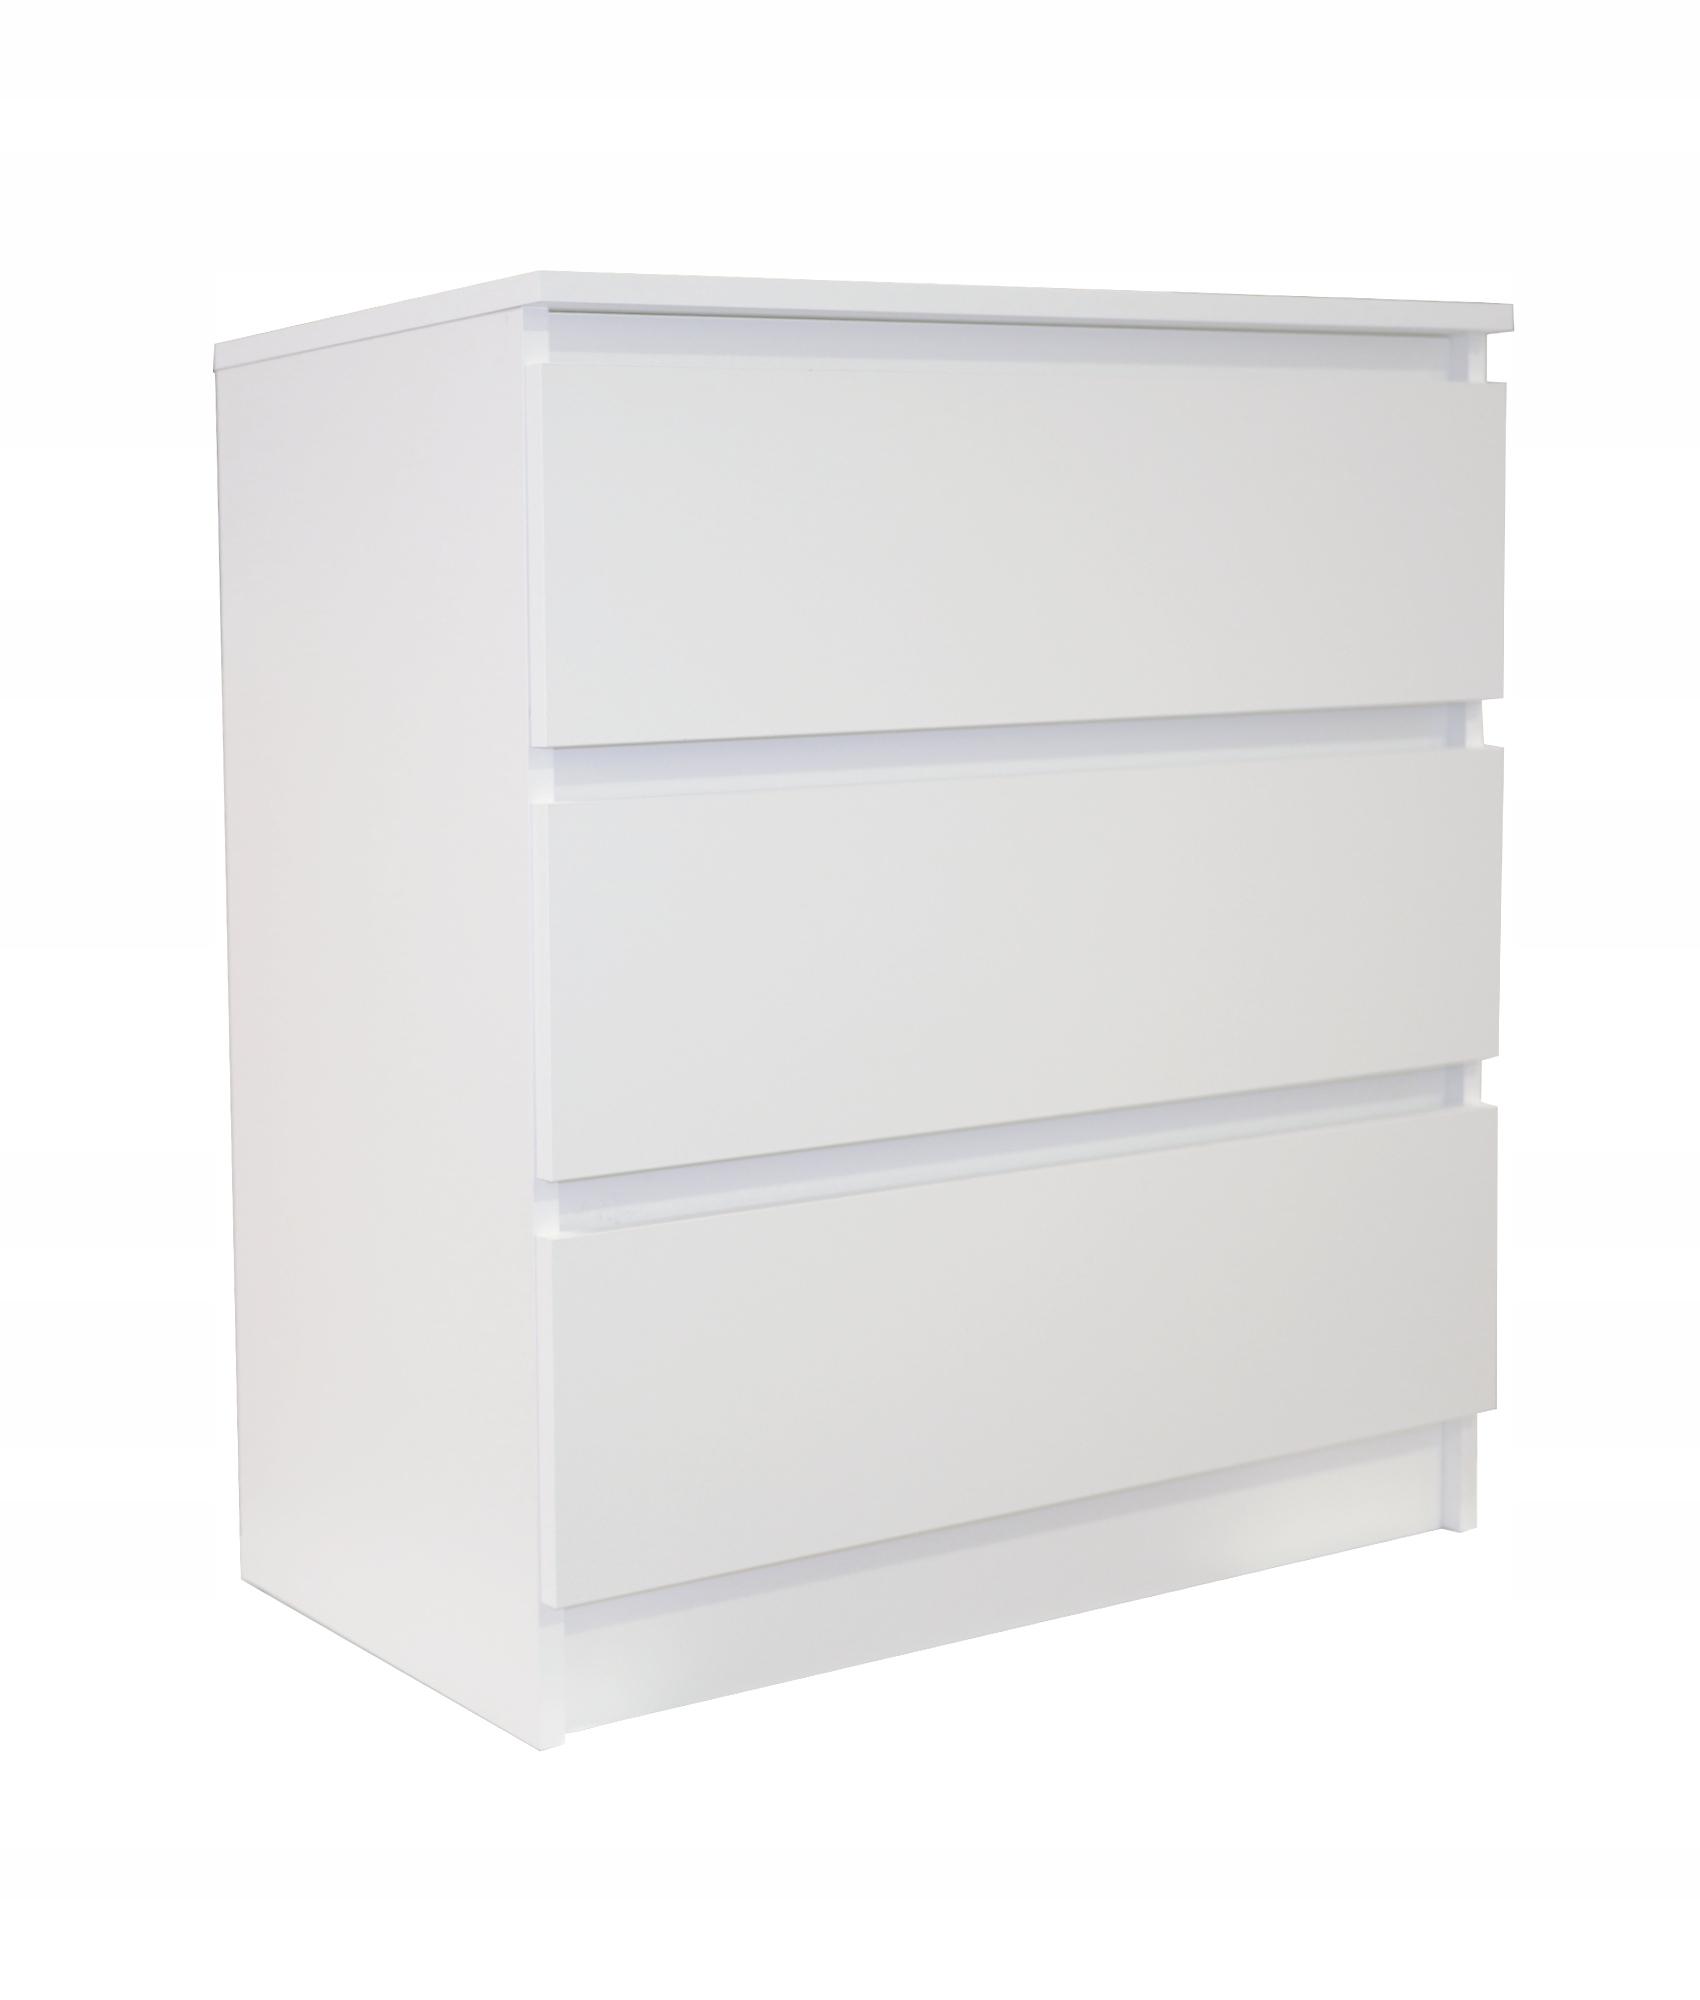 Сундук с ящиками, шкафчик, белая гостиная 3 ящика